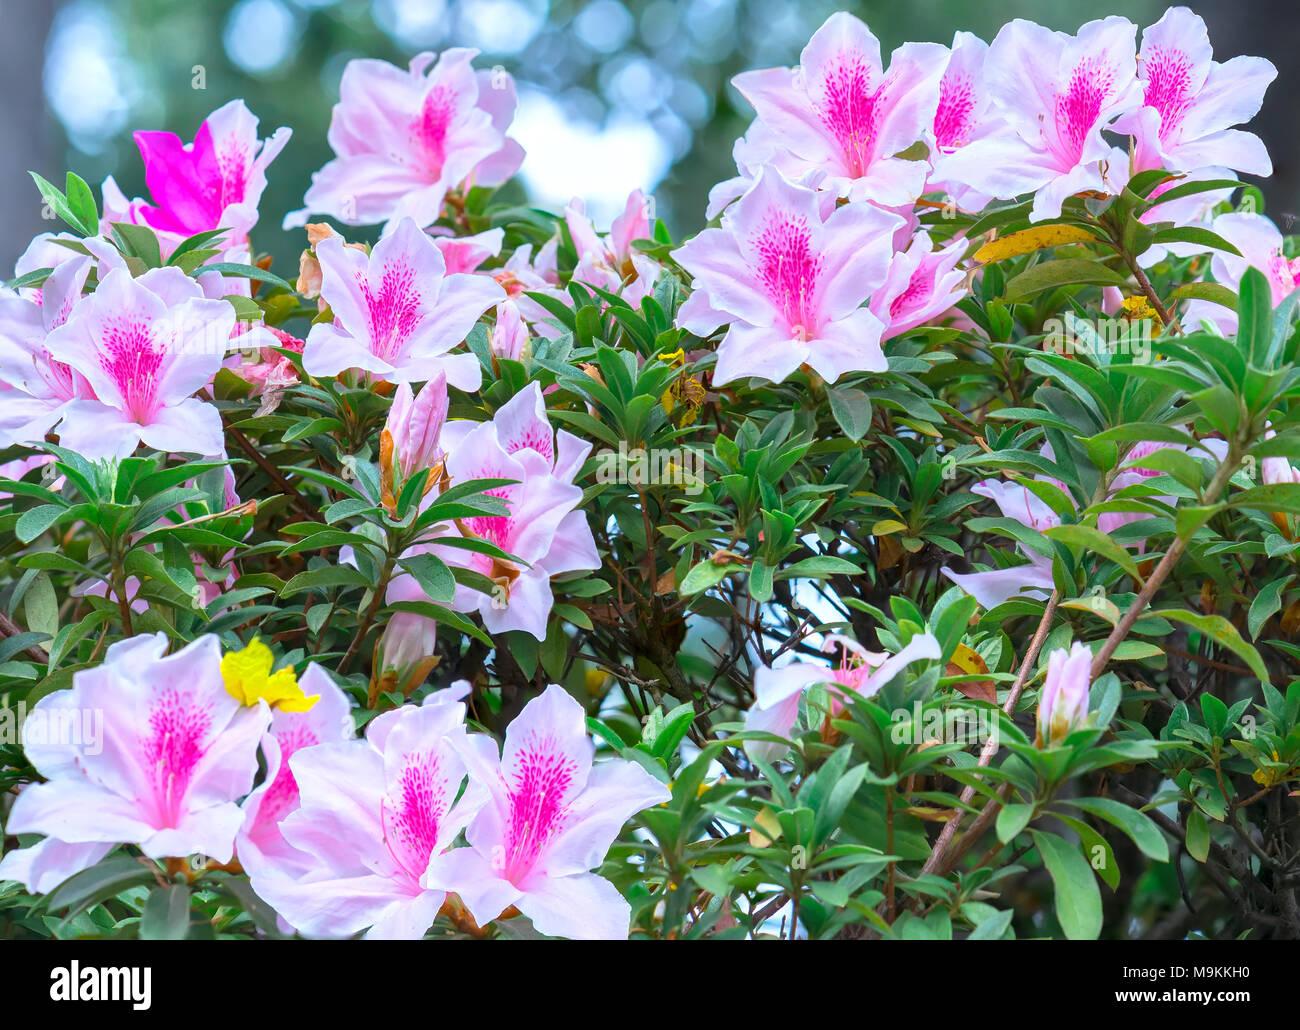 Azalea Flowers Bloom In The Flower Garden In The Early Spring